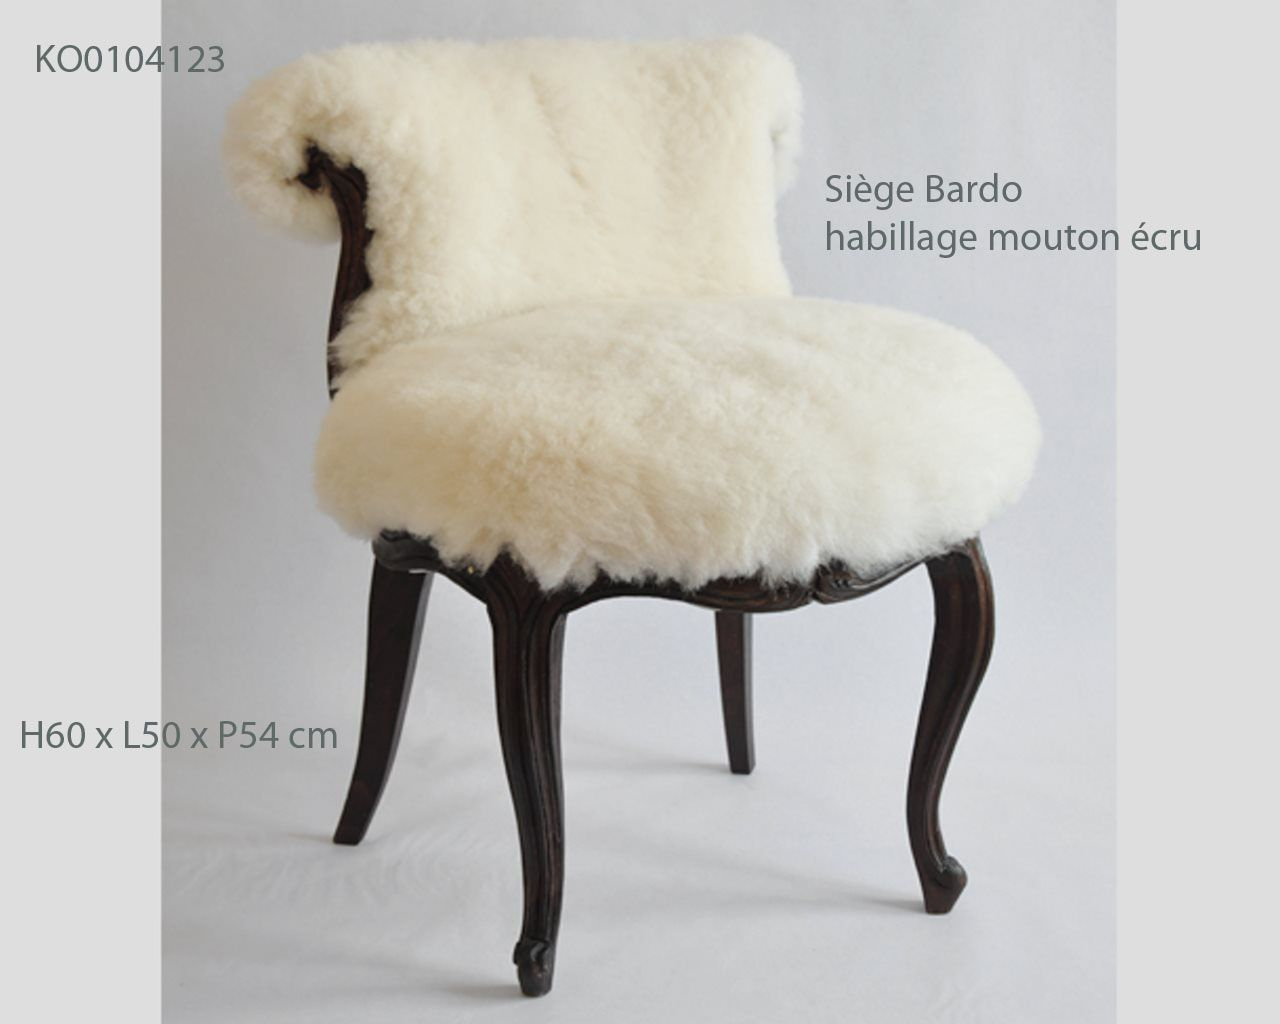 Découvrez notre nouveau produit,Siège Bardo habillage mouton écru by tinja #cpadt  Commandez-le vite, et décorez votre intérieur pour une belle touche orientale. site web :www.cpadt.com mail :contact.cpadt@yahoo.com  Tél : 00 33 (0) 1 85 76 08 42